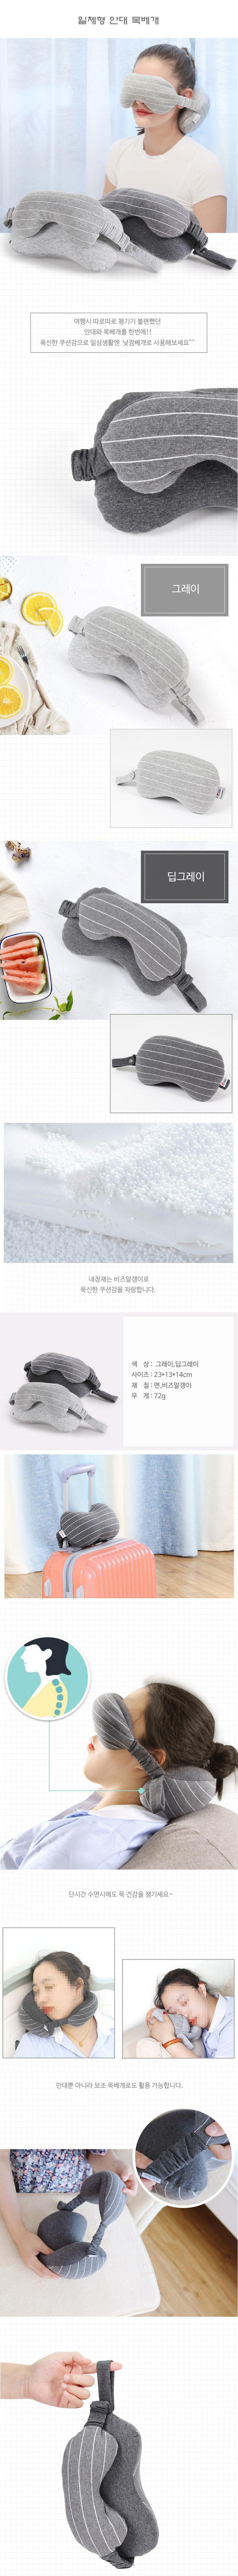 일체형 안대목베개 - 제이엔터프라이스, 15,900원, 편의용품, 목쿠션/안대/슬리퍼